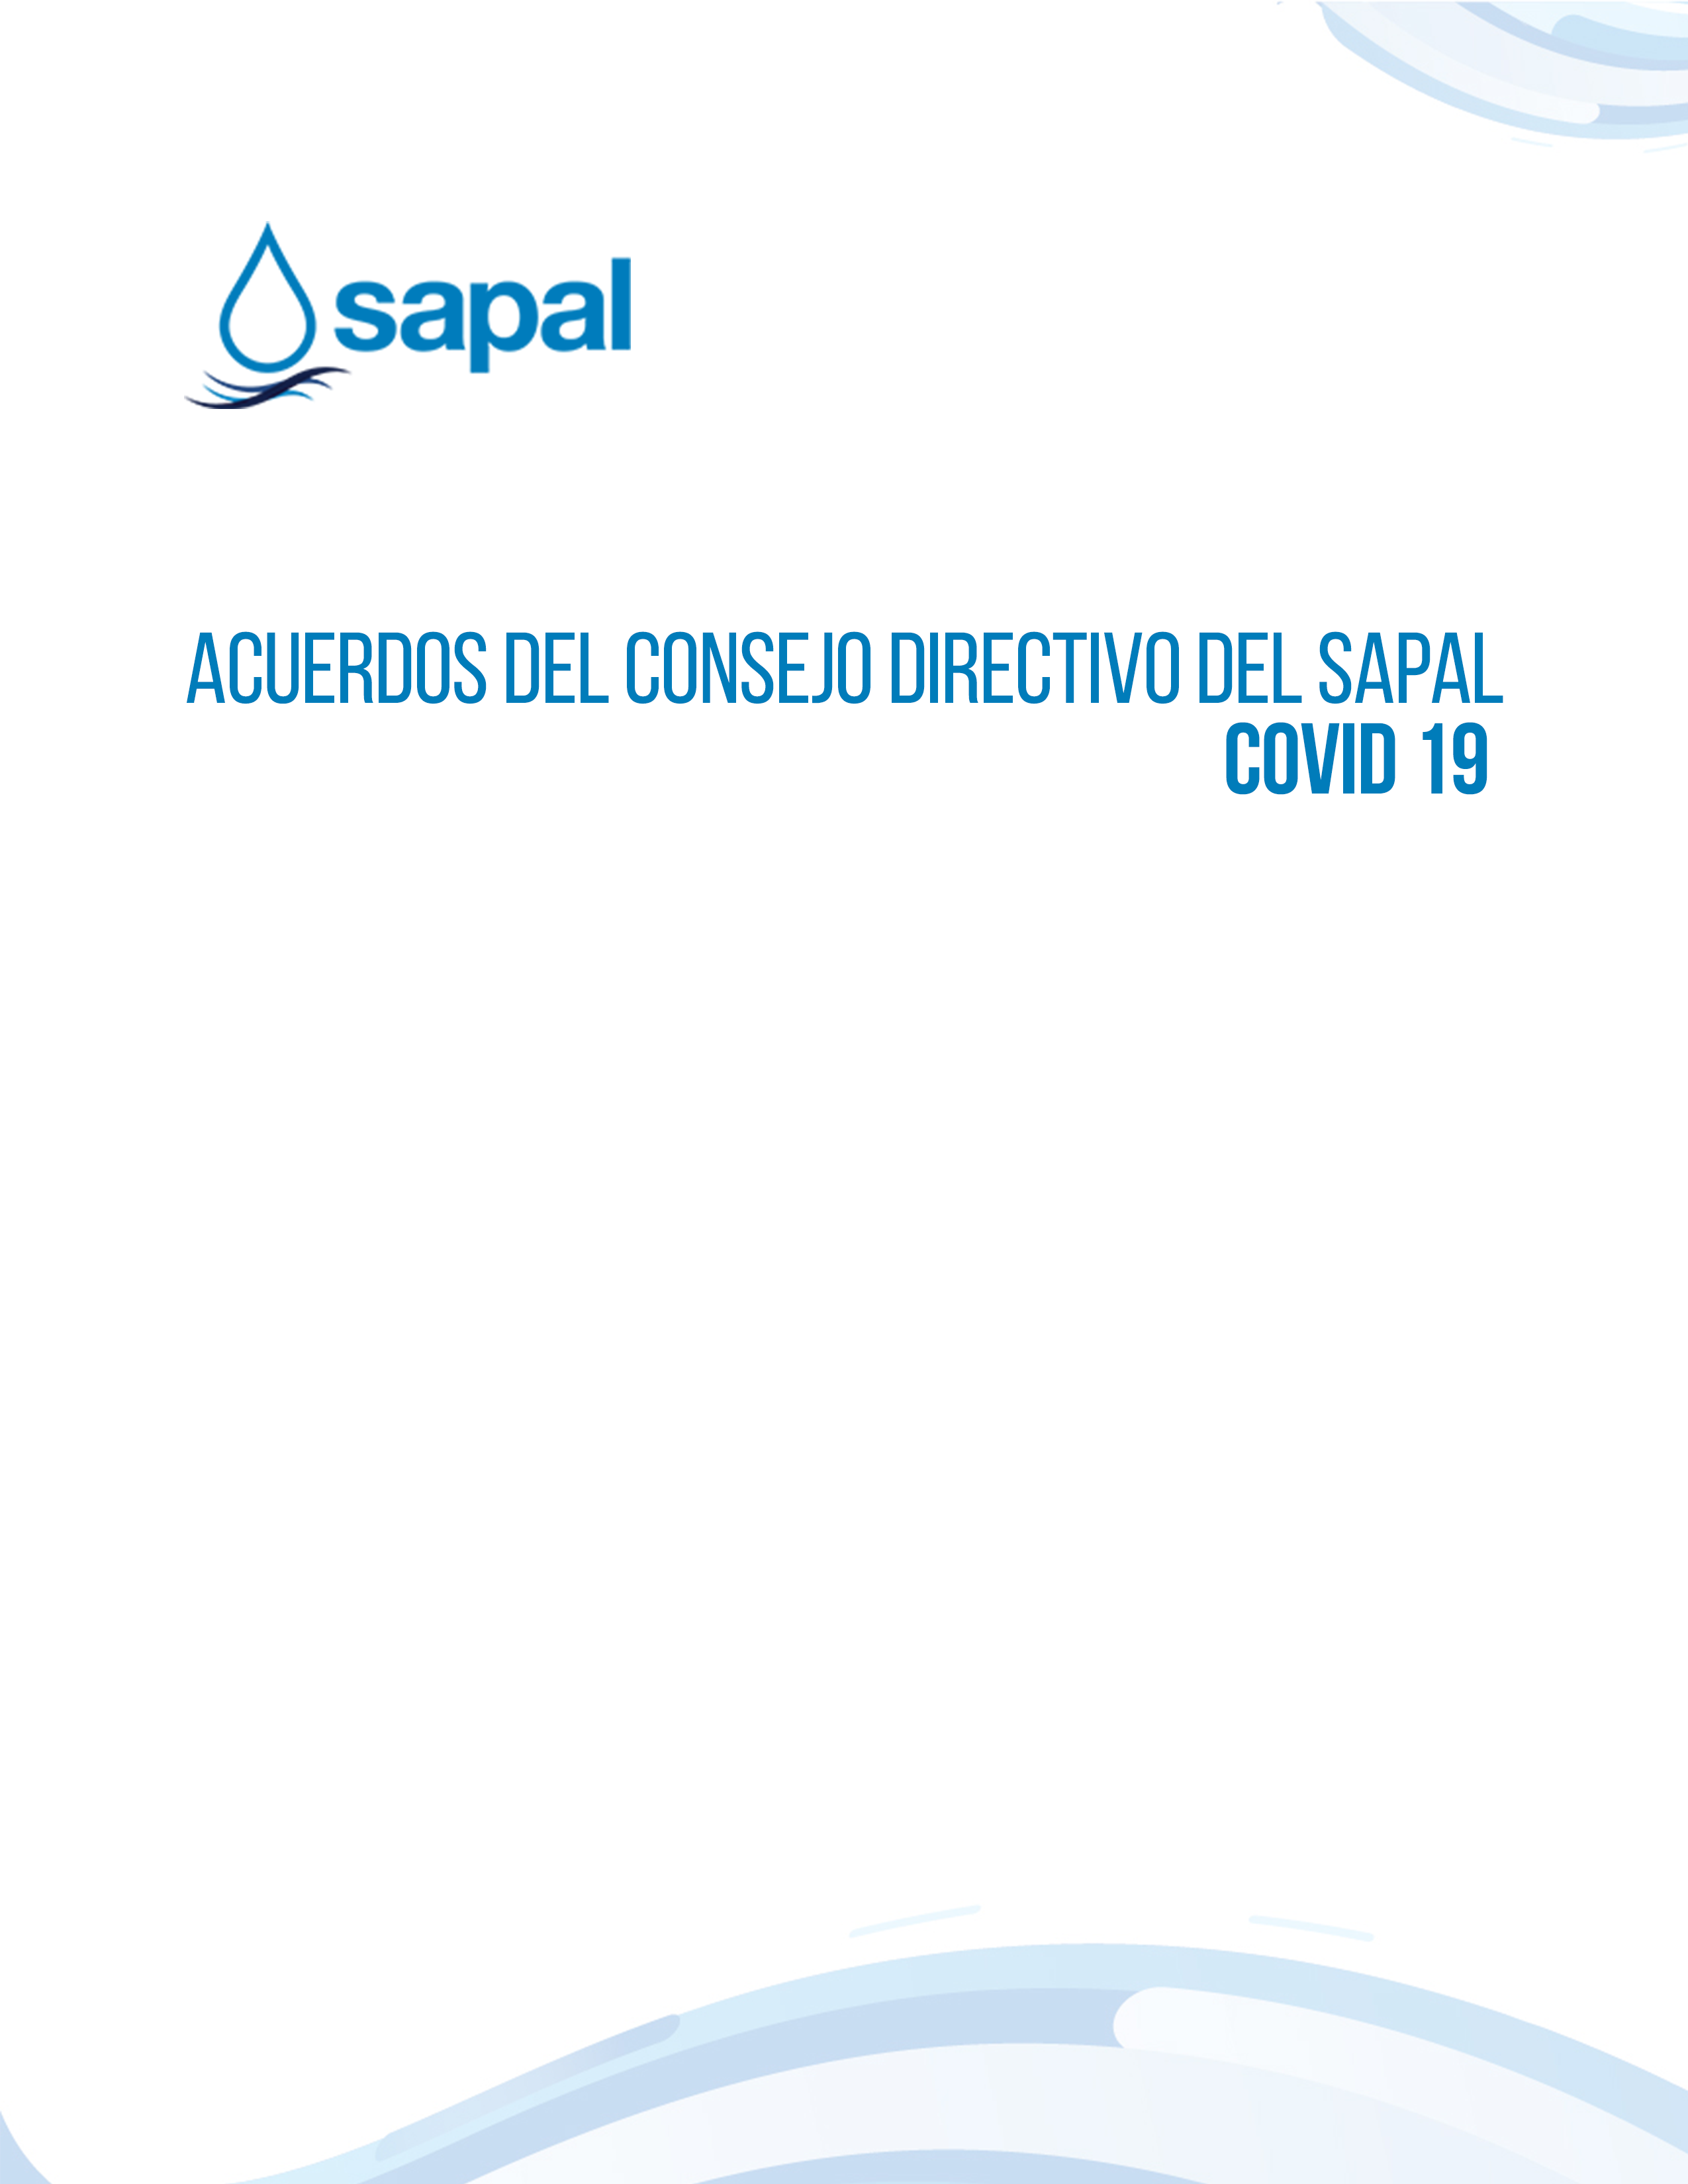 Acuerdos del Consejo Directivo del Sapal COVID-19